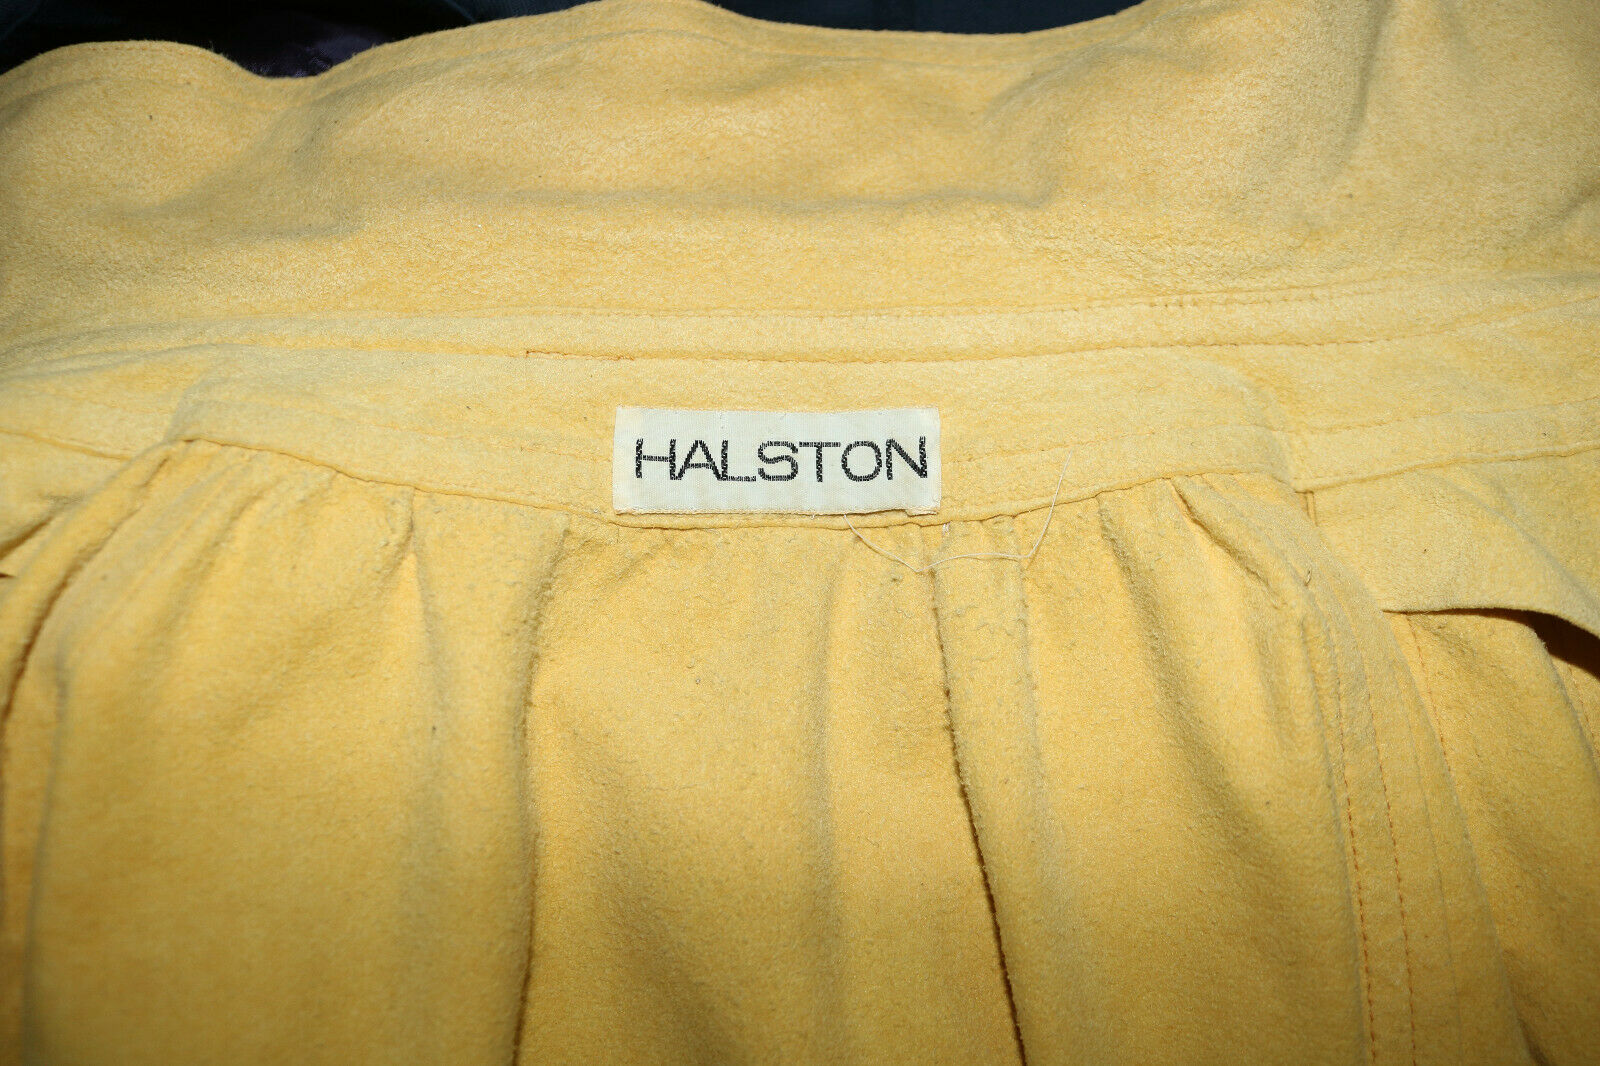 HALSTON vintage Ultrasuede smock top - image 5